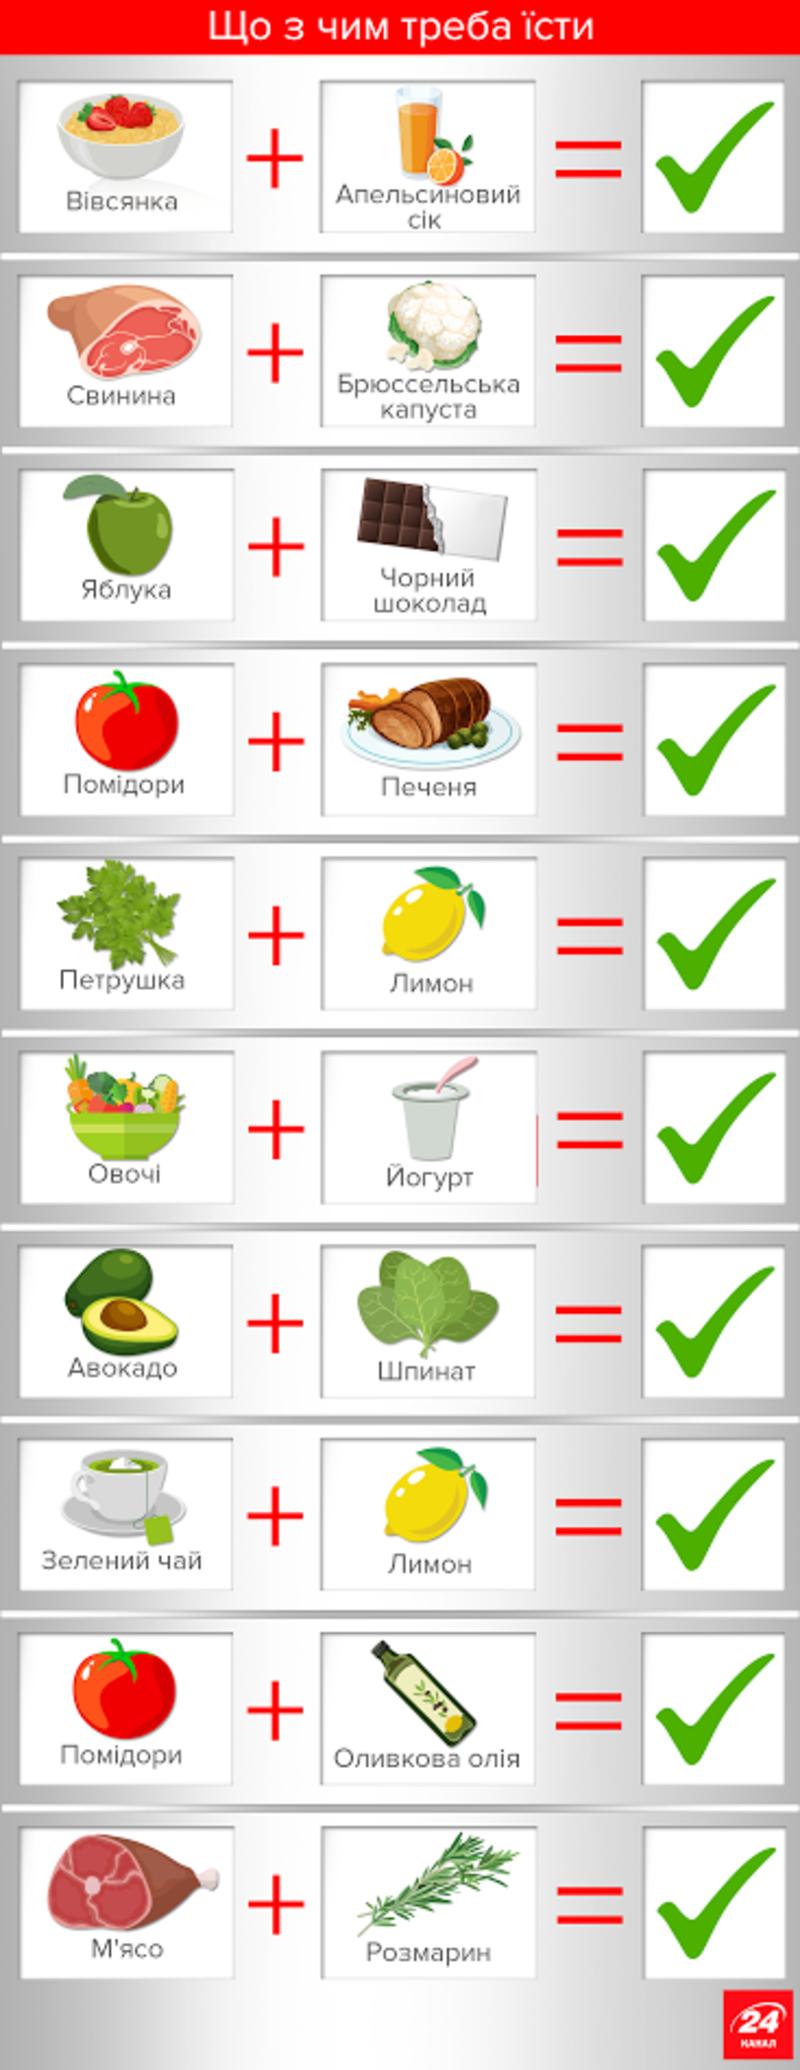 Як корисно поєднувати продукти